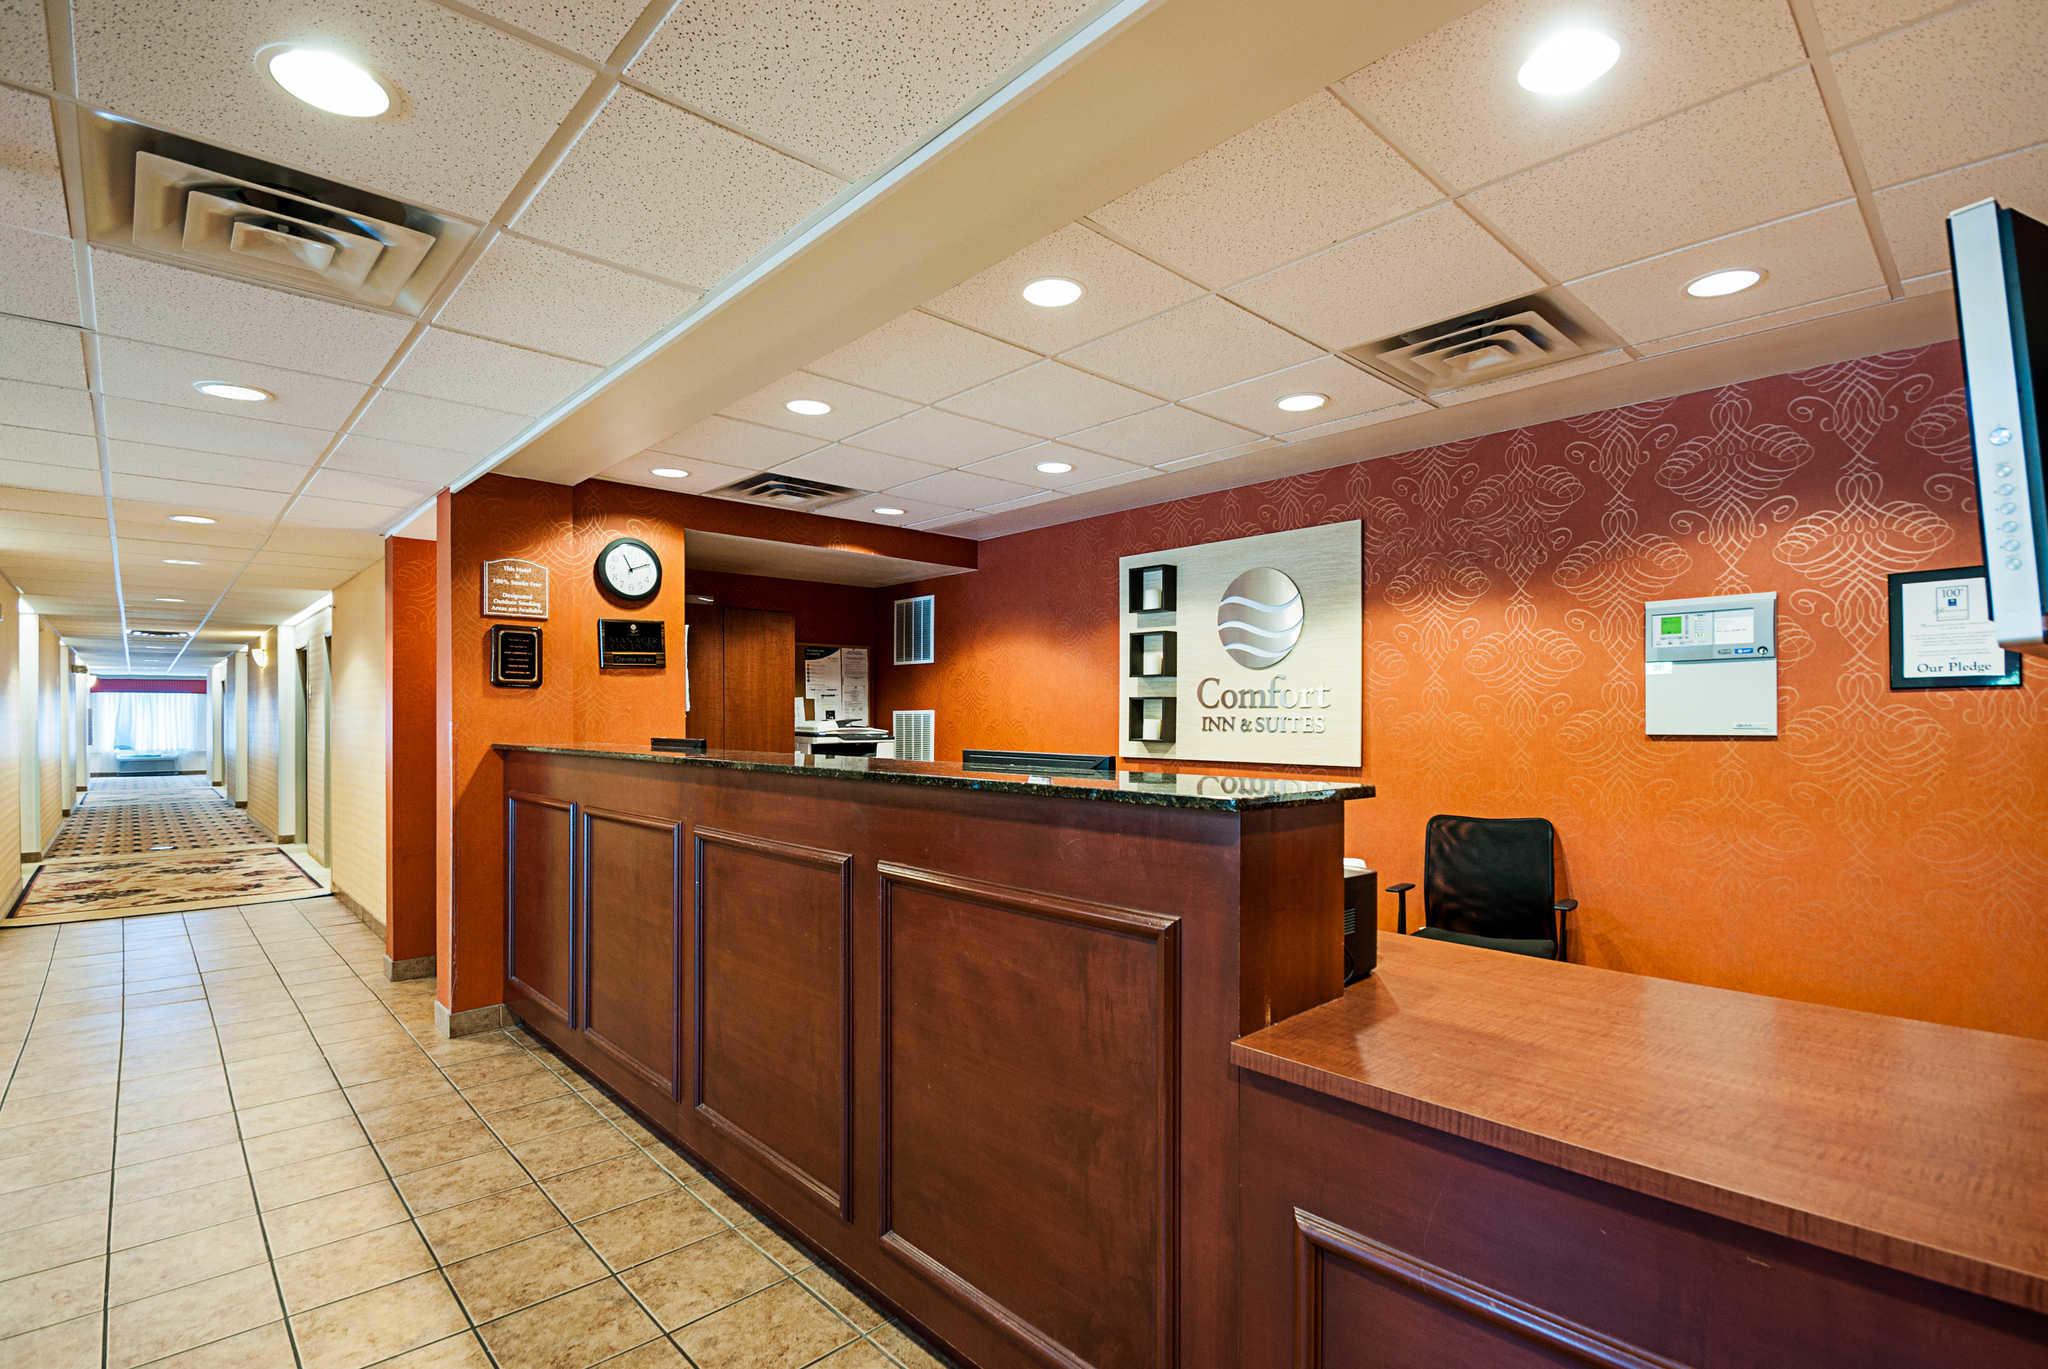 Comfort Inn & Suites Cambridge image 4